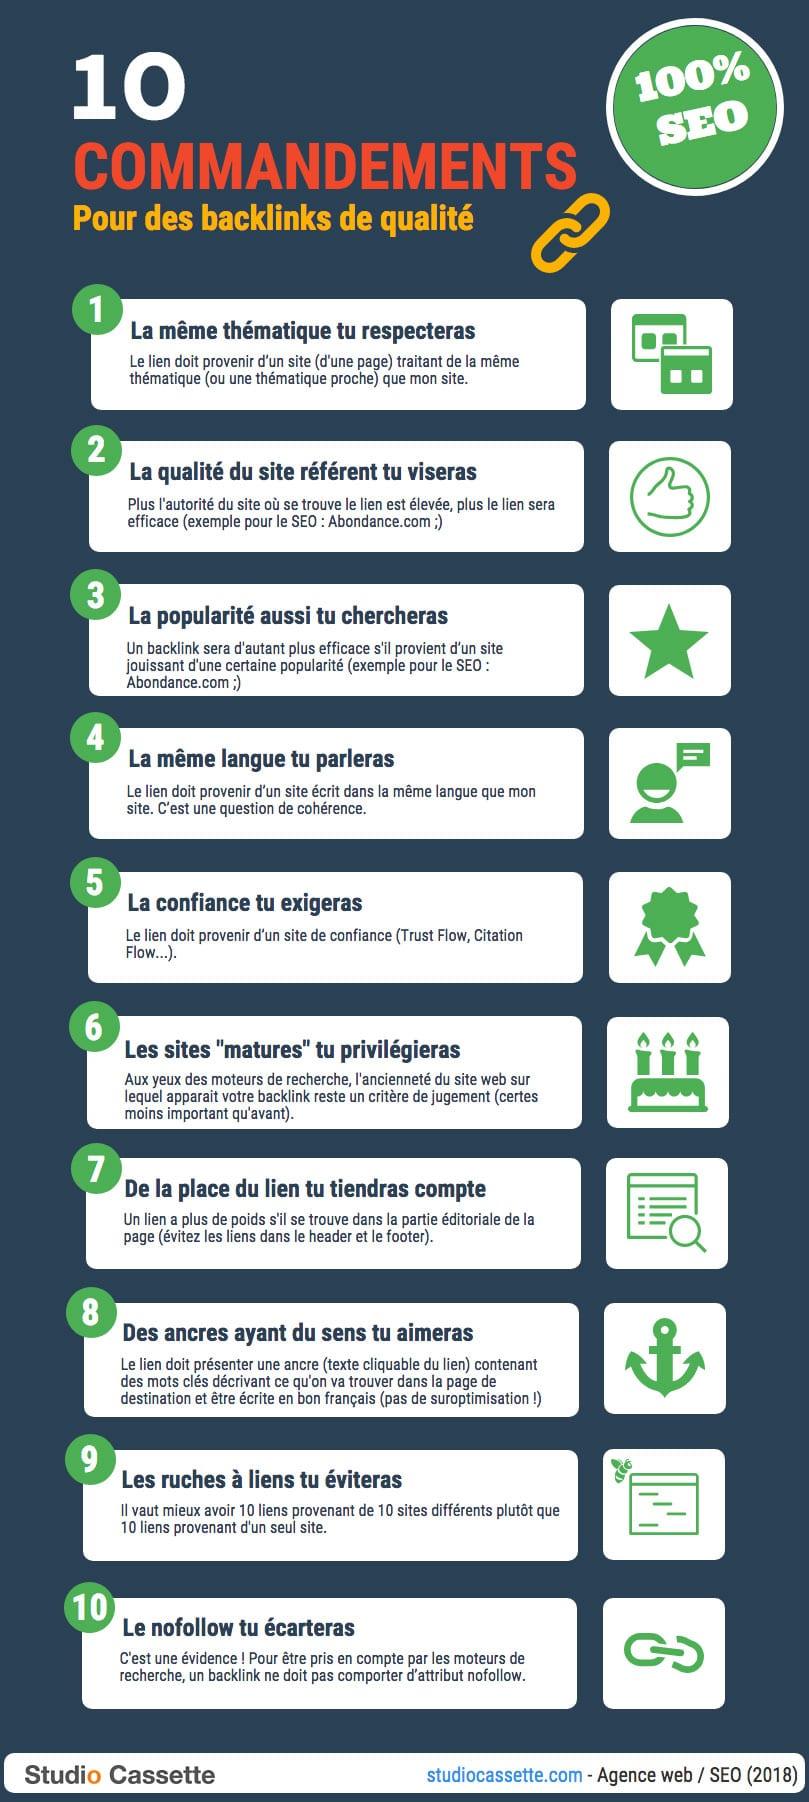 Infographie : Les 10 Commandements du Backlink de Qualité